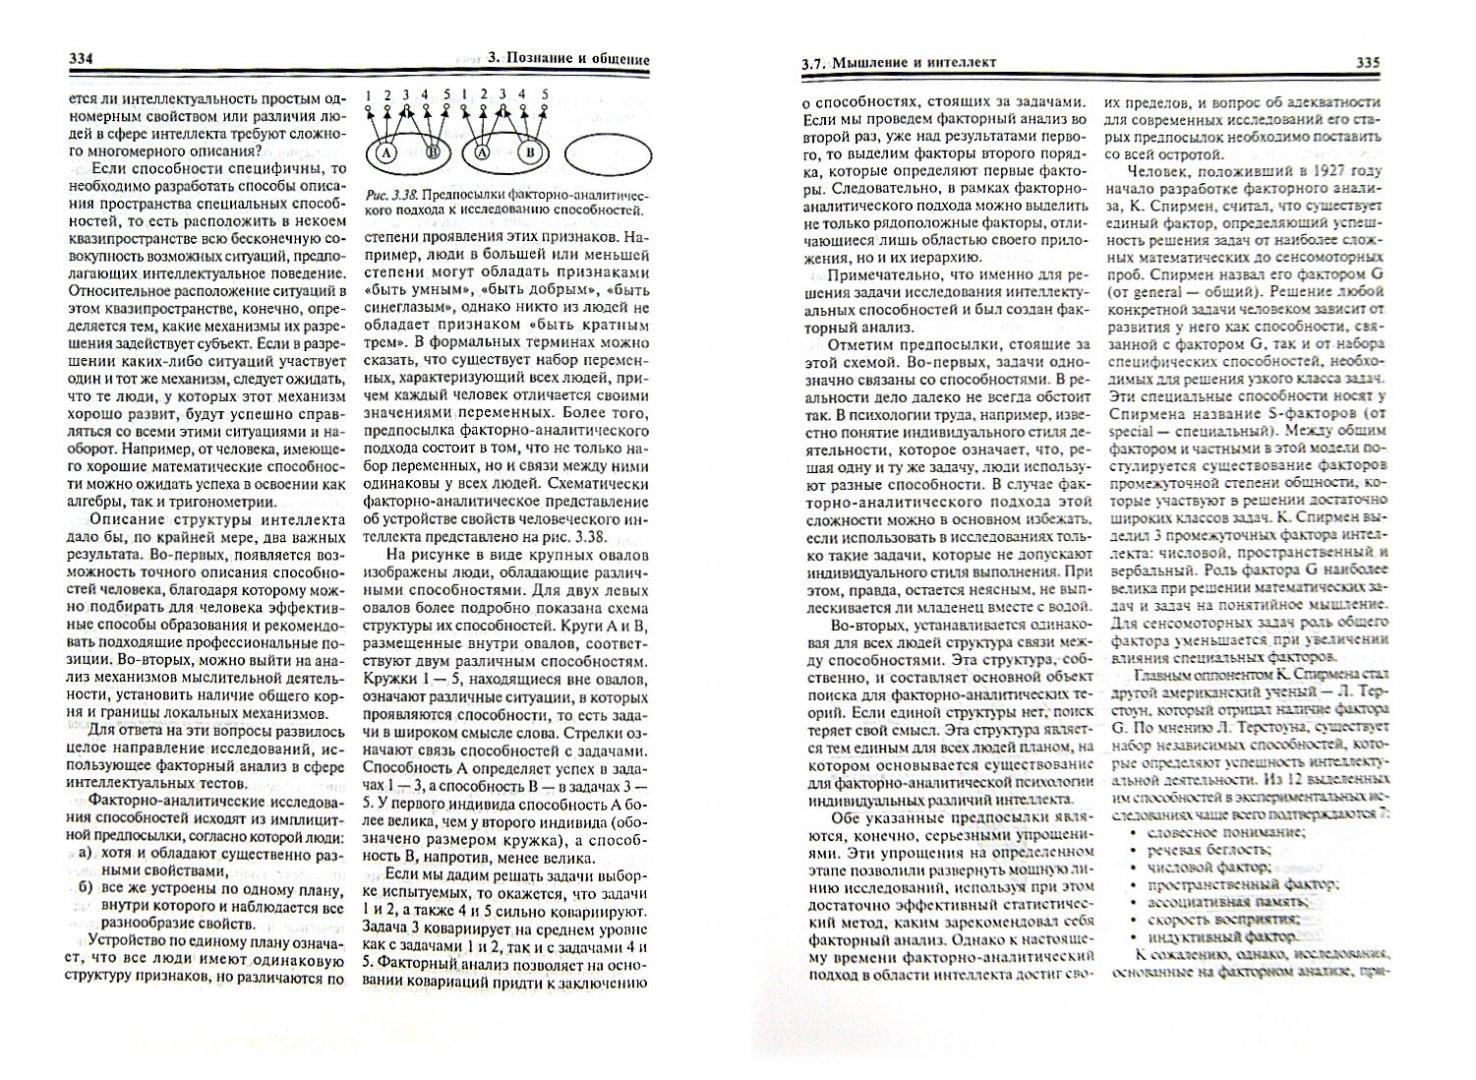 Иллюстрация 1 из 10 для Психология XXI века - Дружинин, Александров, Виленская | Лабиринт - книги. Источник: Лабиринт